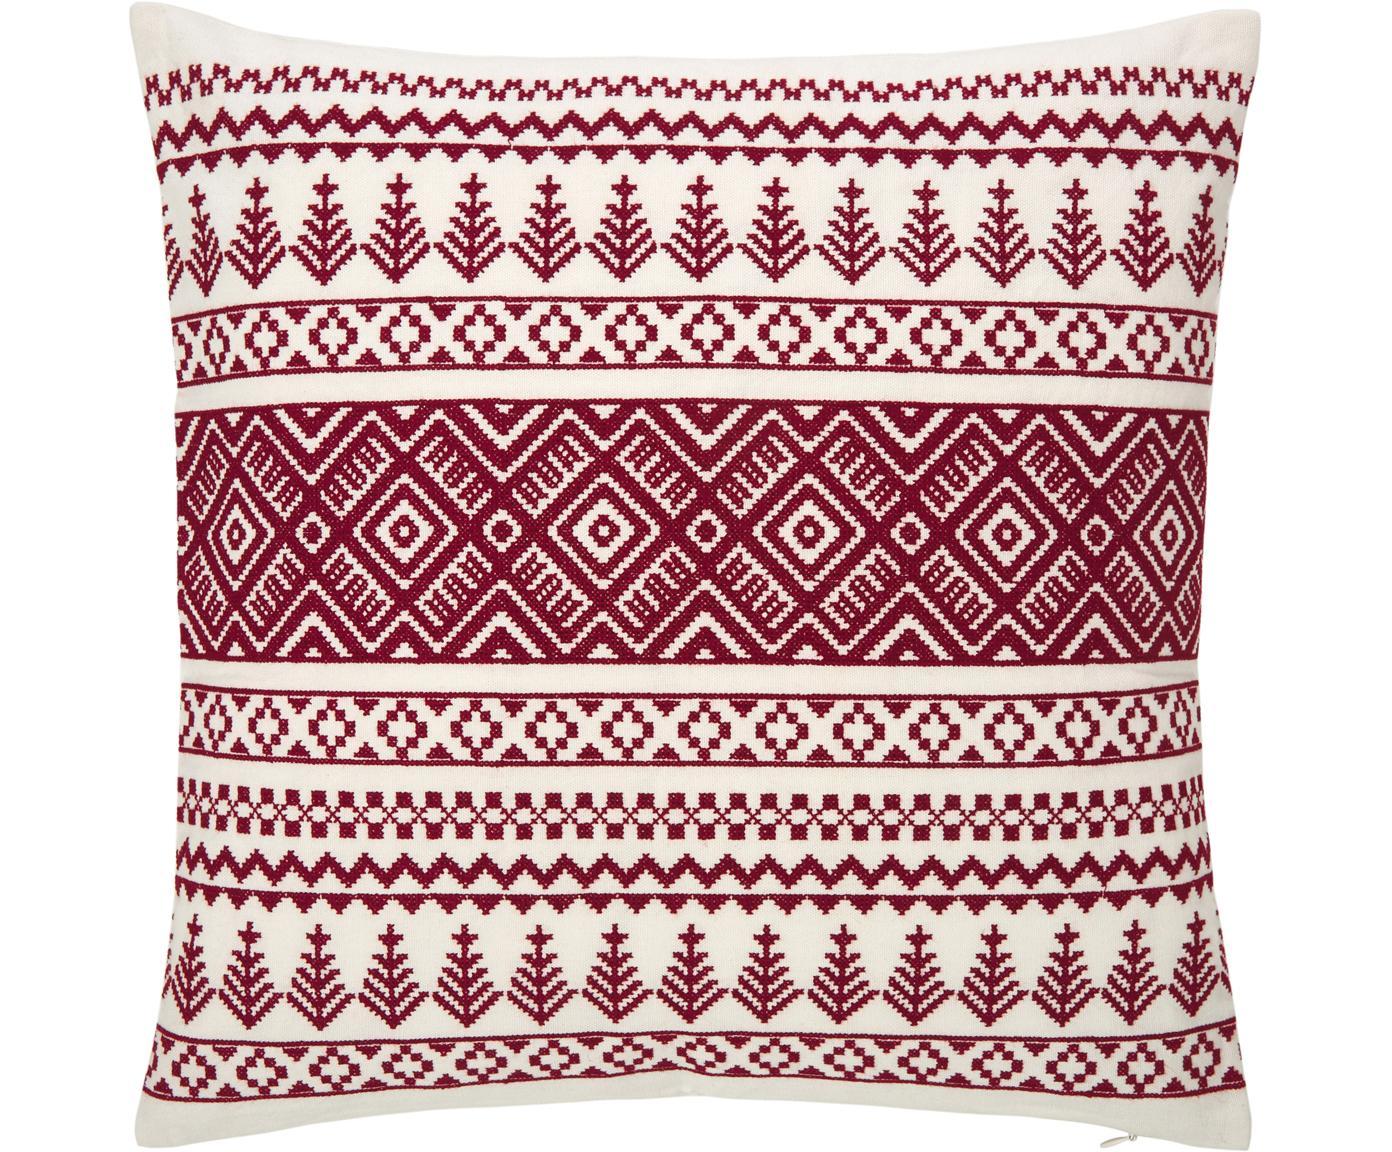 Geborduurde kussenhoes Islay met wintermotief, 100% katoen, Rood, crèmewit, 45 x 45 cm